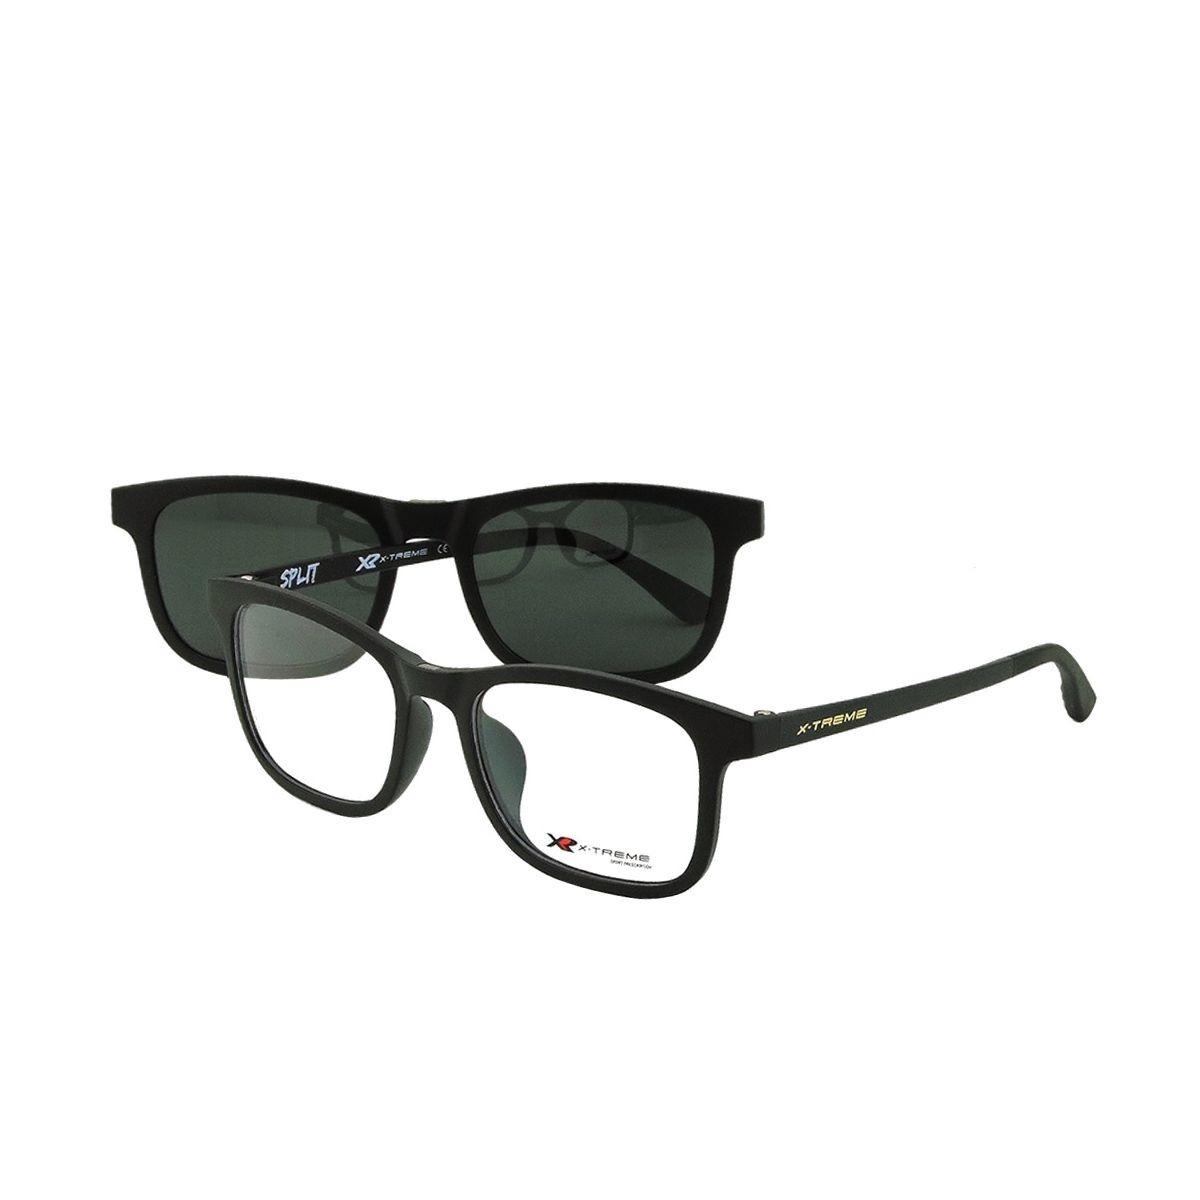 Óculos De Grau X-treme Split Clipon Preto Fosco - R  349,99 em ... 53c8d5b475